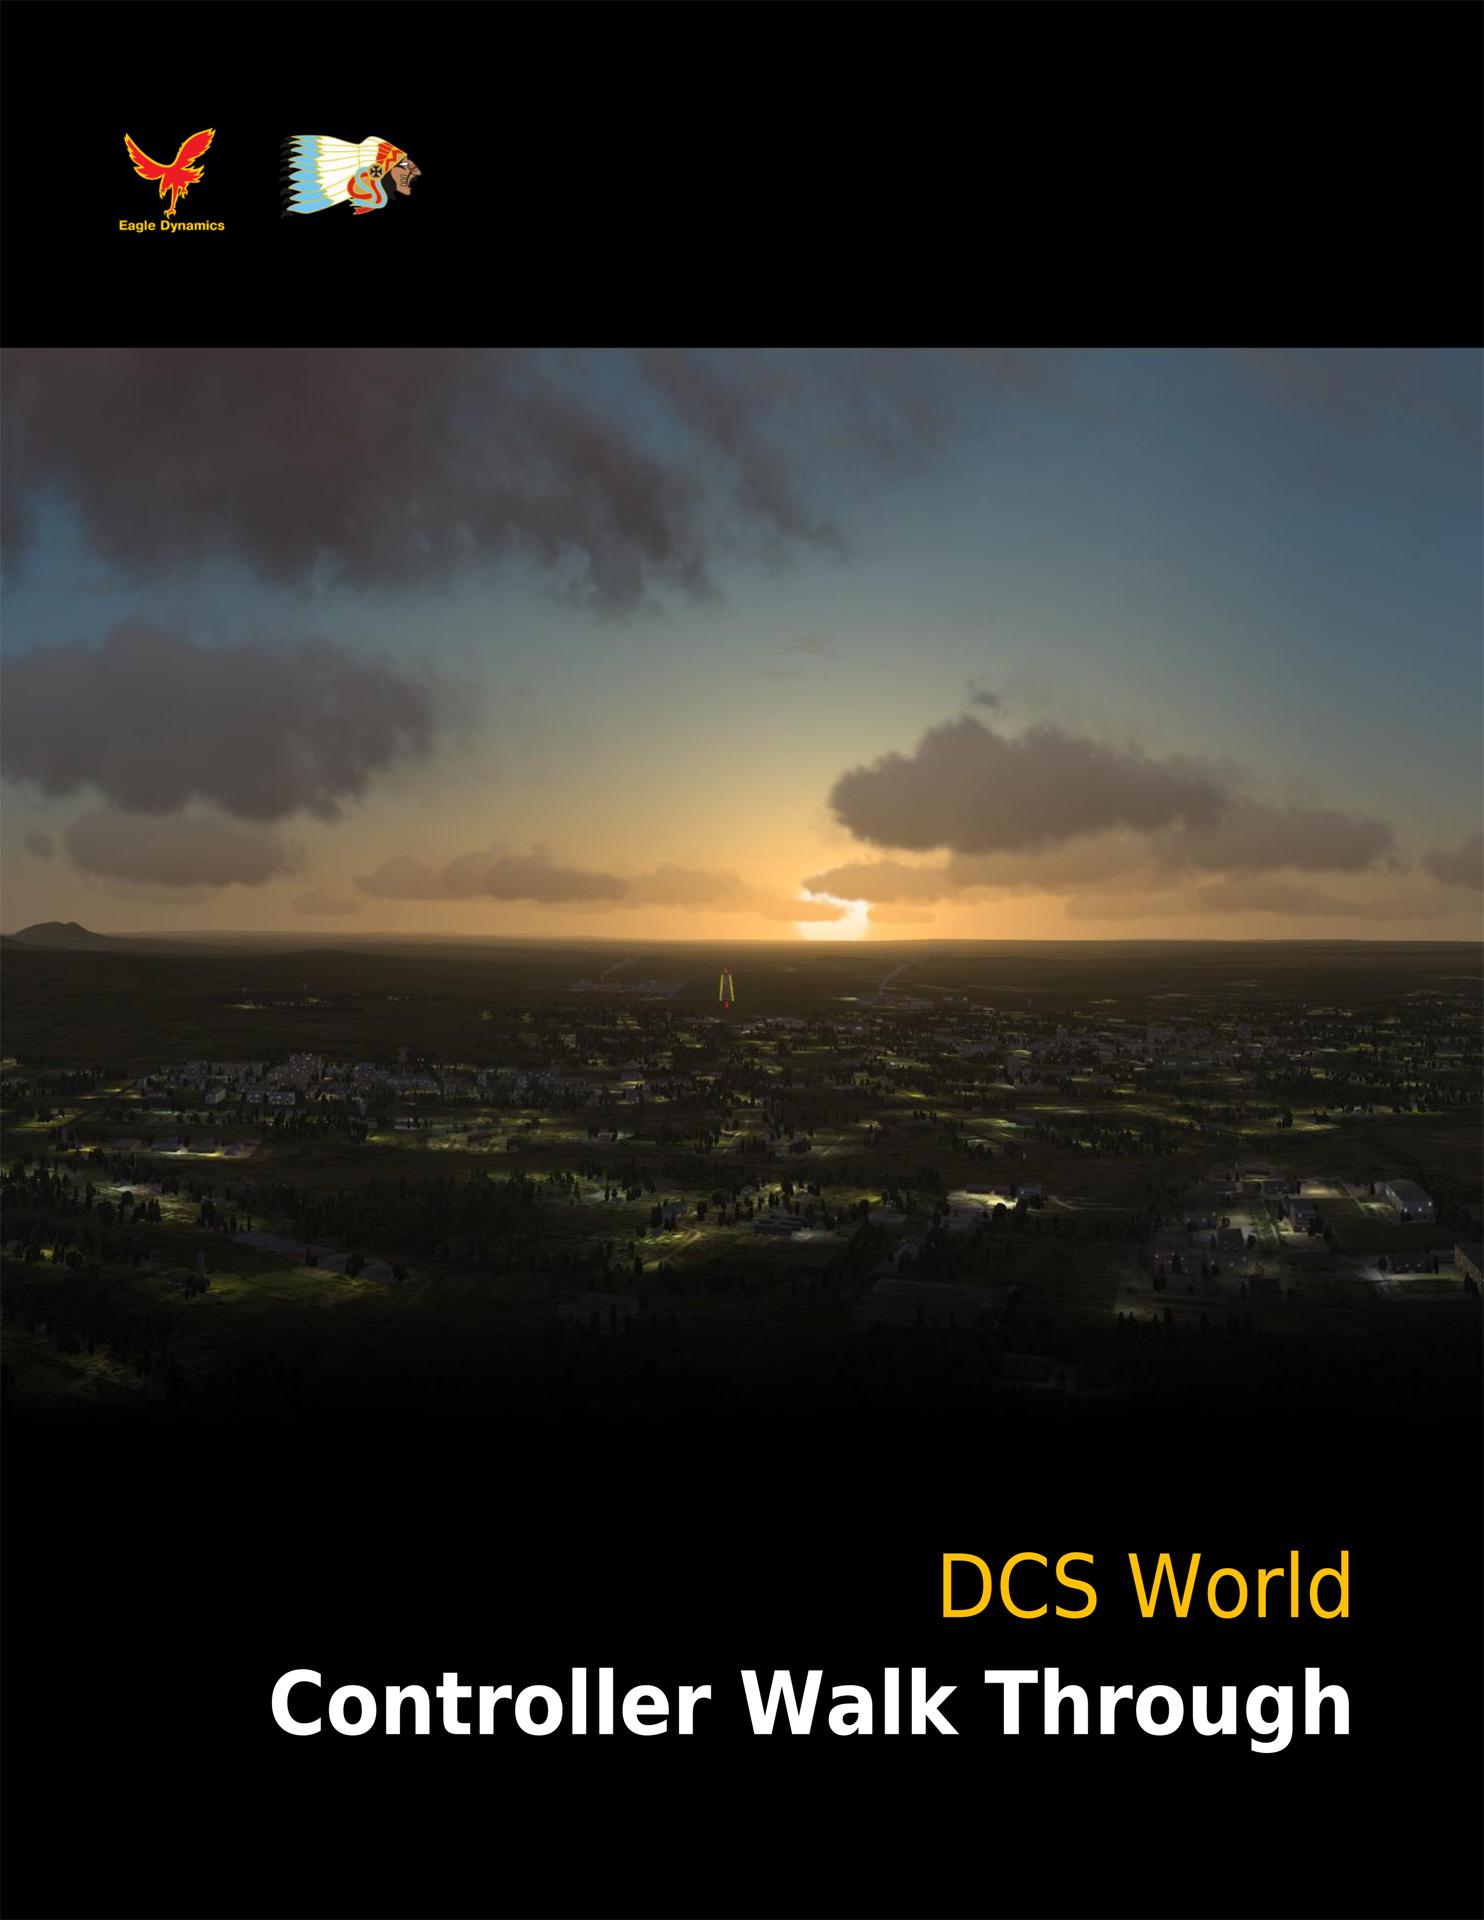 DCS World Controller Walk Through